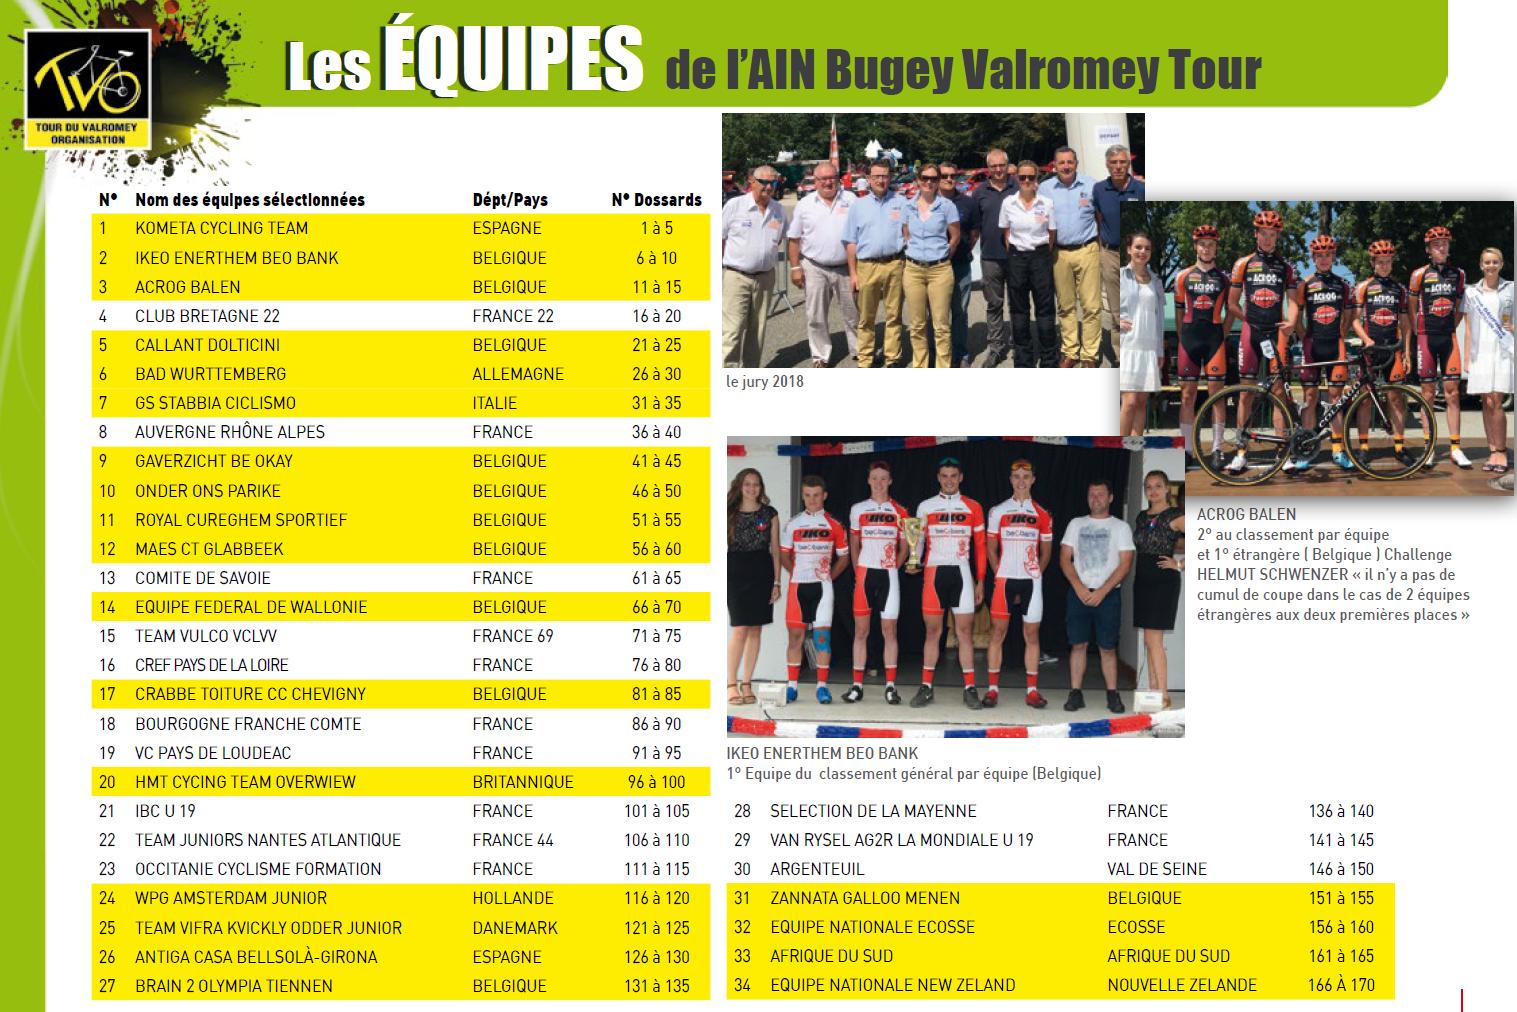 equipes_tour2019